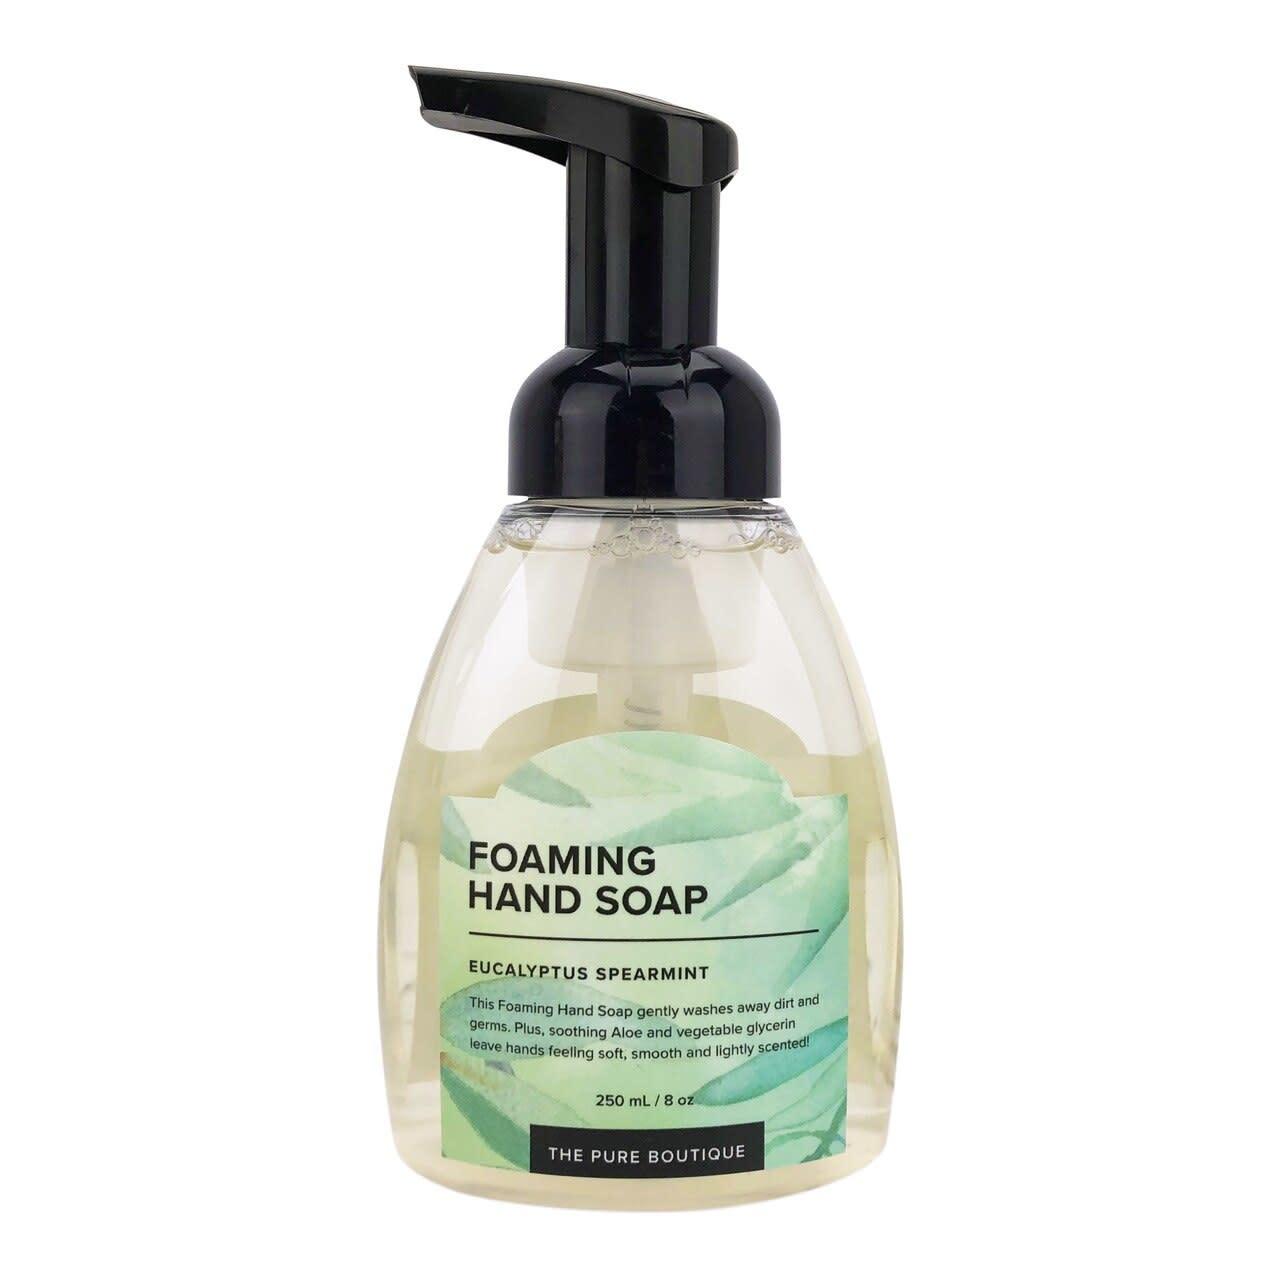 Foaming Hand Soap - Eucalyptus Spearmint-1